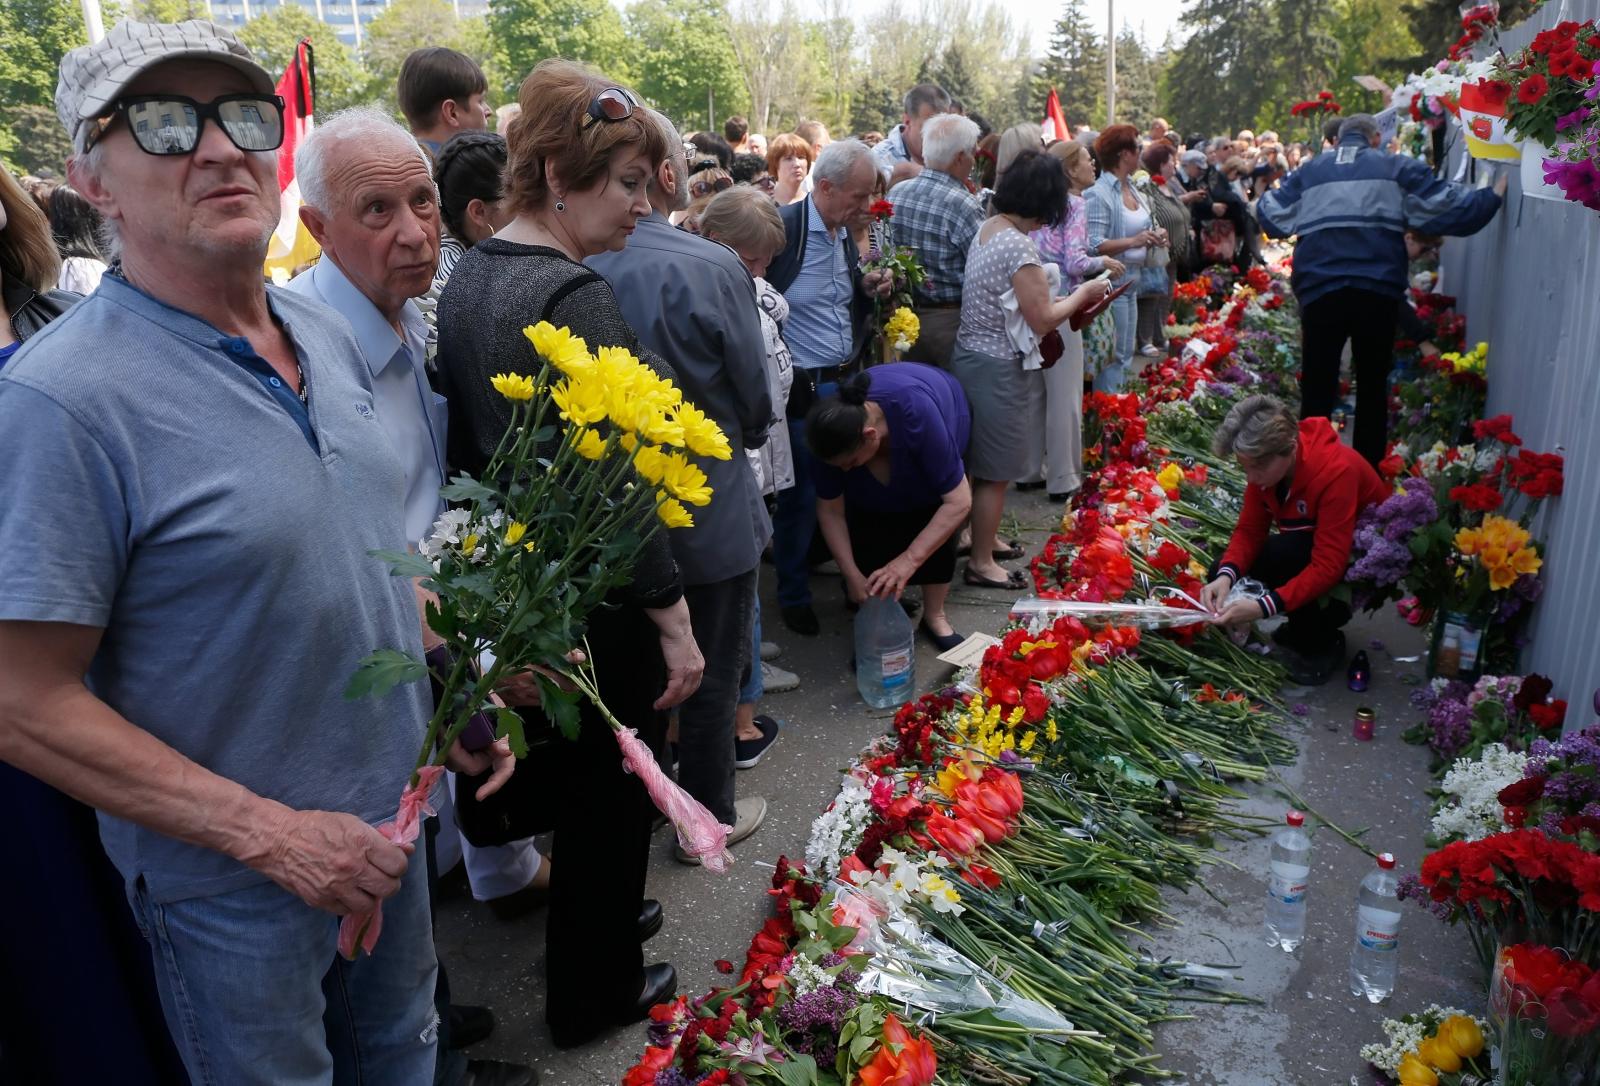 Trzecia rocznica tragedii w Odessie. Co najmniej 31 osób zmarło, gdy wybuchł pożar podczas starcia między pro-europejskimi i pro-rosyjskimi protestującymi w dniu 02 maja 2014 r. Fot. PAP/EPA/VALERII KVIT